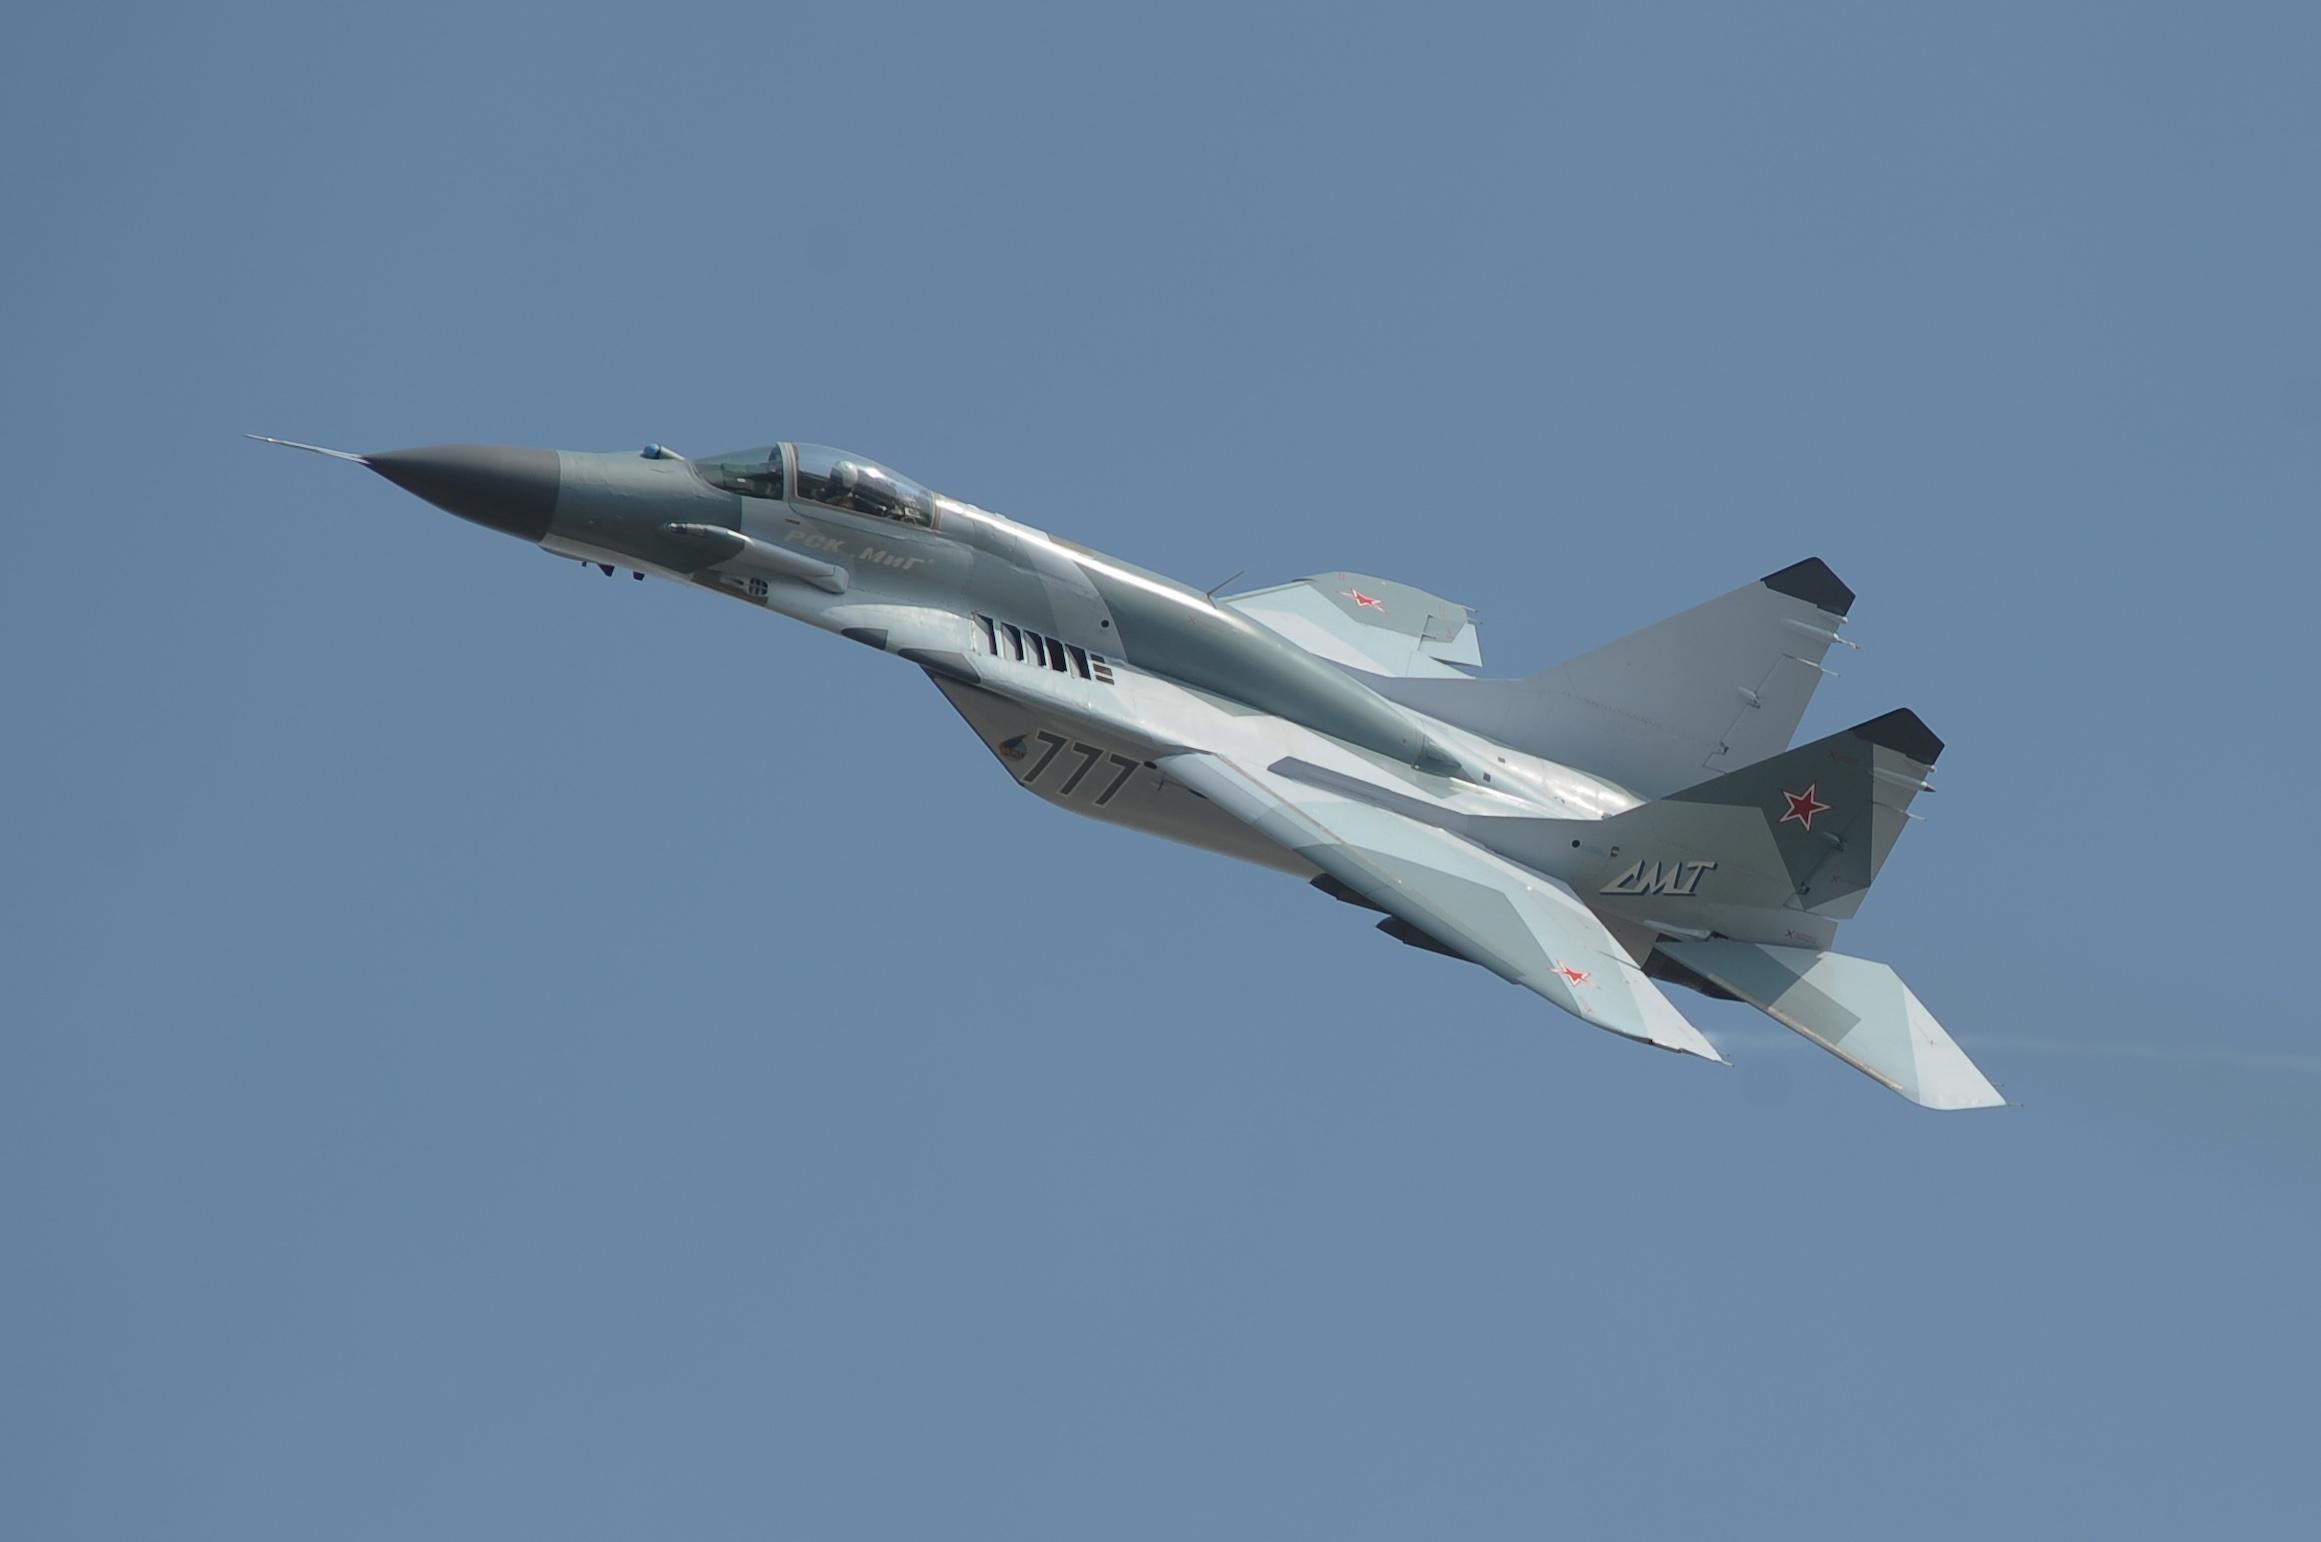 MiG-29SMT2 9-13 777